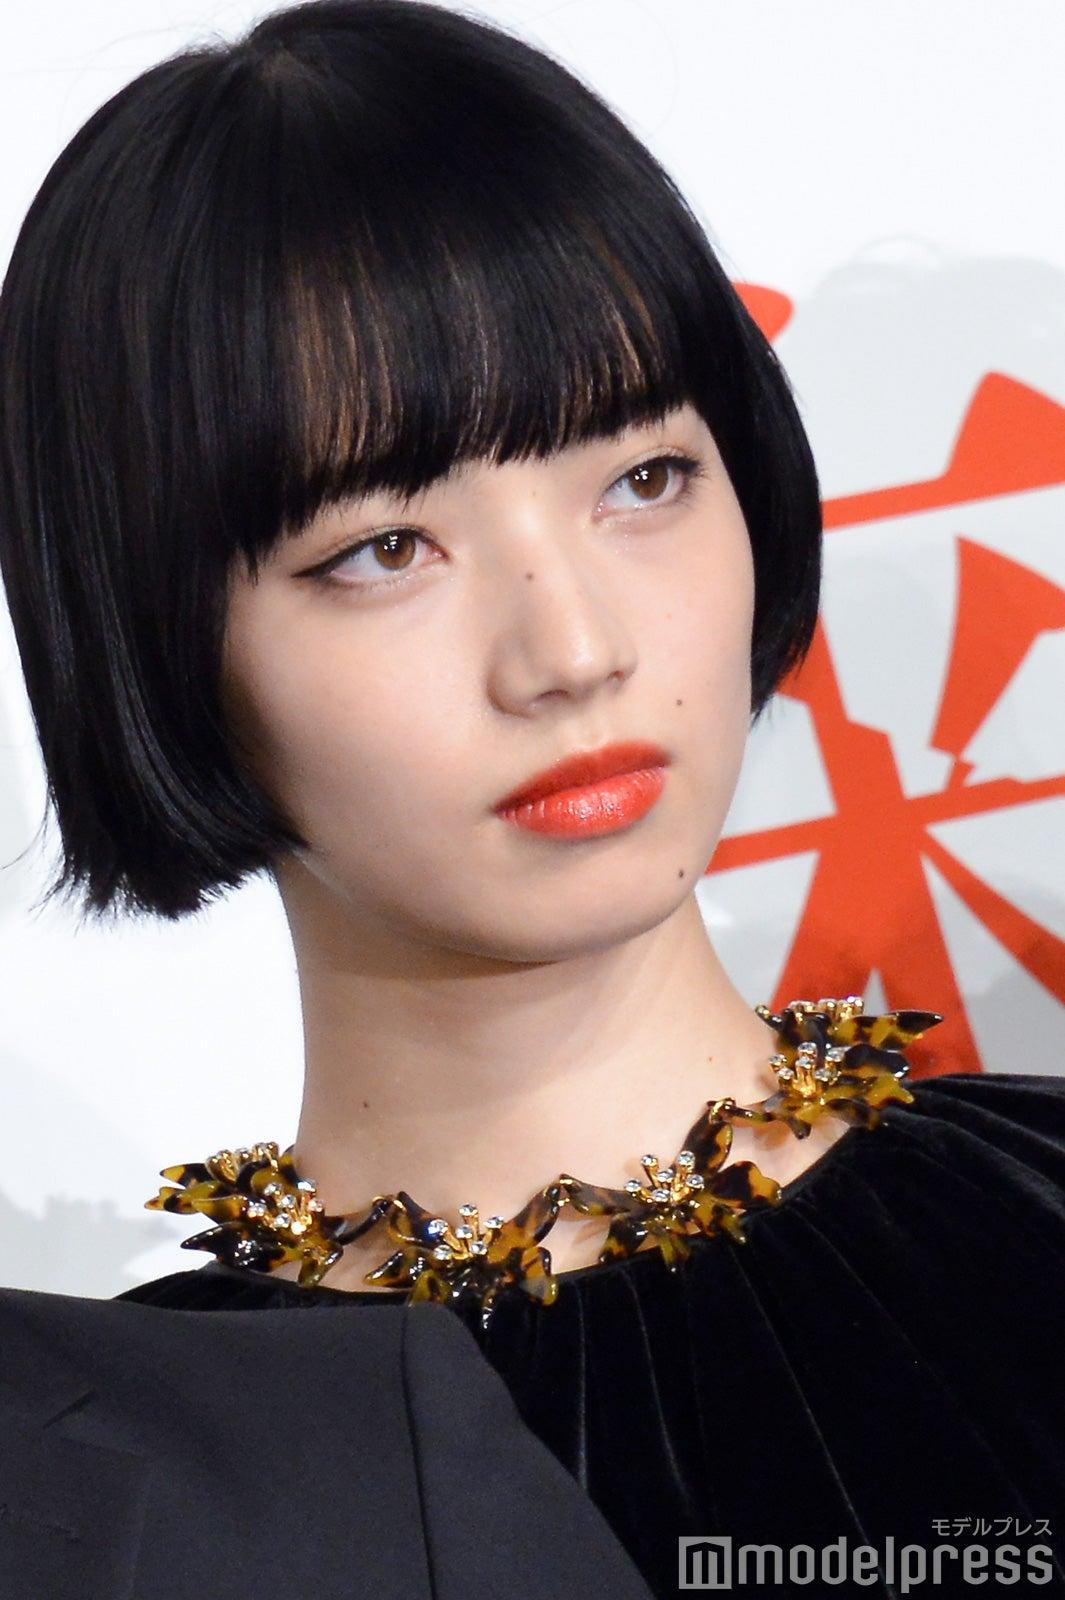 【美人】「世界で最も美しい顔100人」発表 小松菜奈が日本人トップ31位 篠崎愛、石原さとみ、TWICEサナらがランクイン